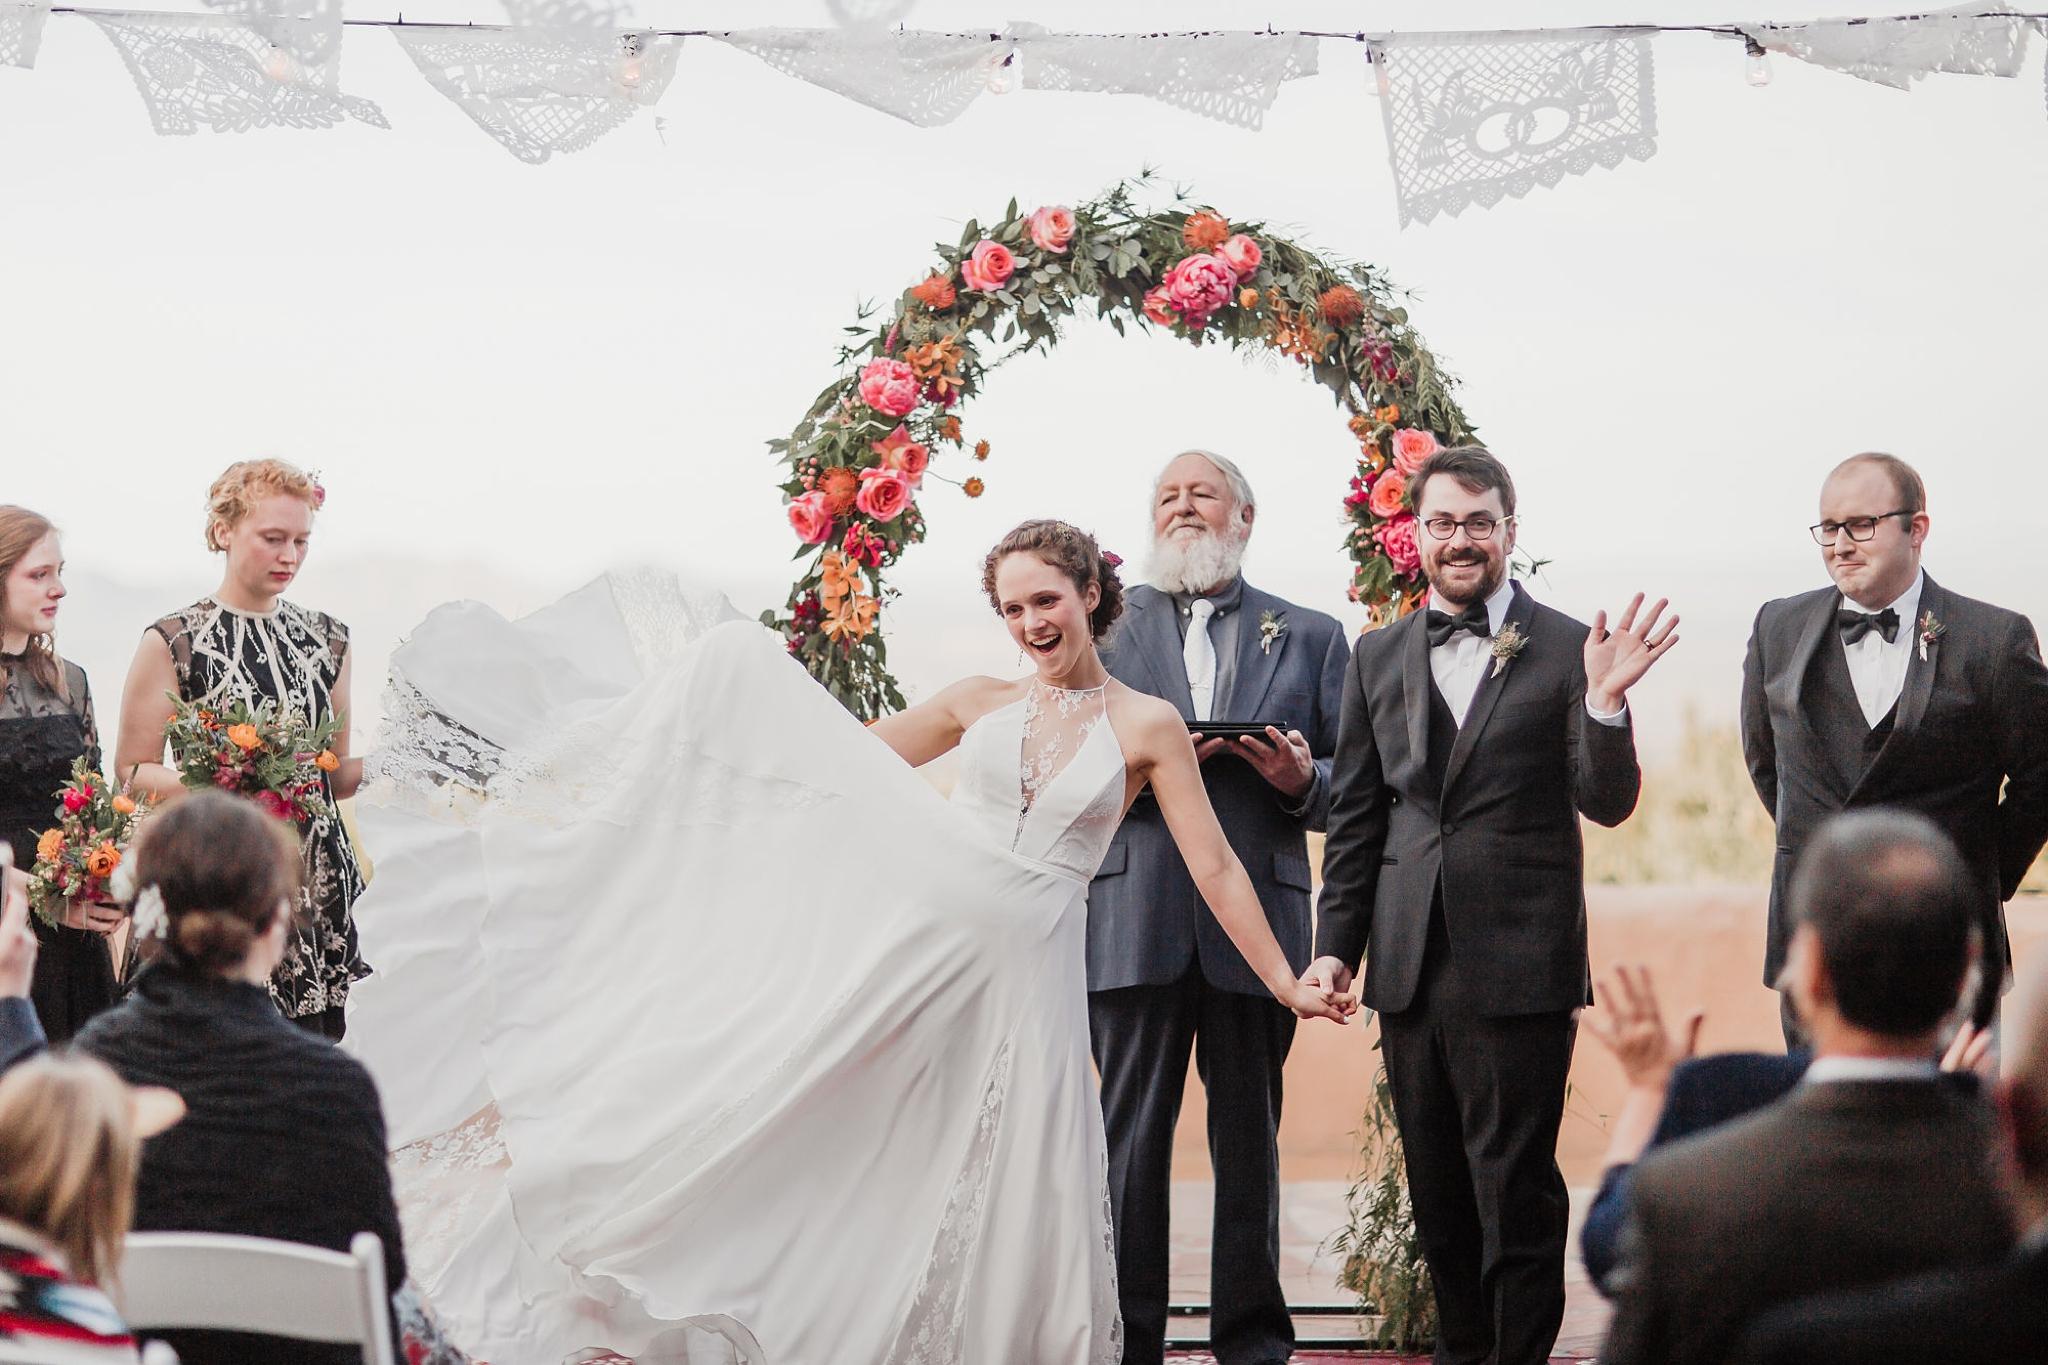 Alicia+lucia+photography+-+albuquerque+wedding+photographer+-+santa+fe+wedding+photography+-+new+mexico+wedding+photographer+-+new+mexico+wedding+-+wedding+vows+-+writing+your+own+vows+-+wedding+inspo_0036.jpg